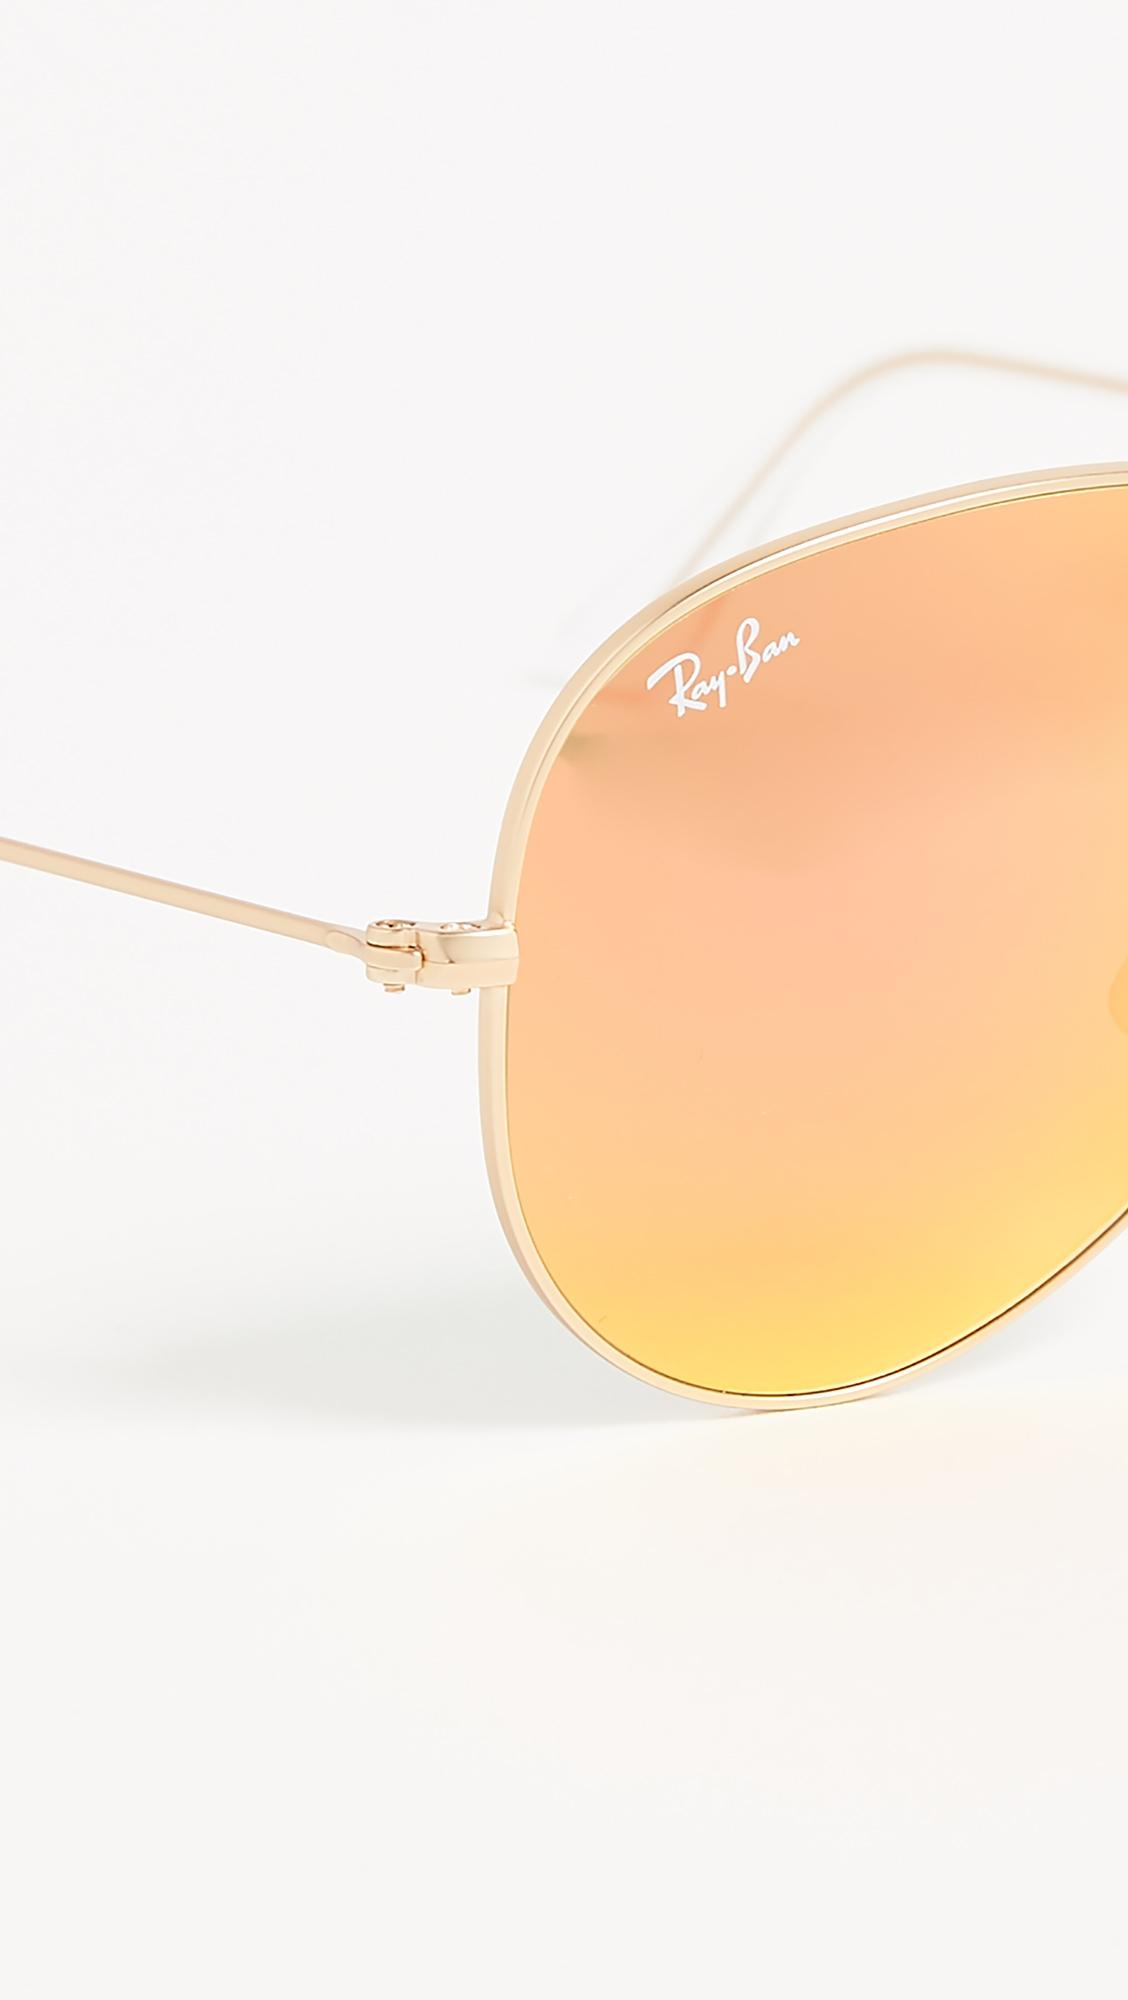 Классические солнцезащитные очки авиаторы с зеркальным матовым покрытием Ray-Ban  (RAYBN4009148459314)